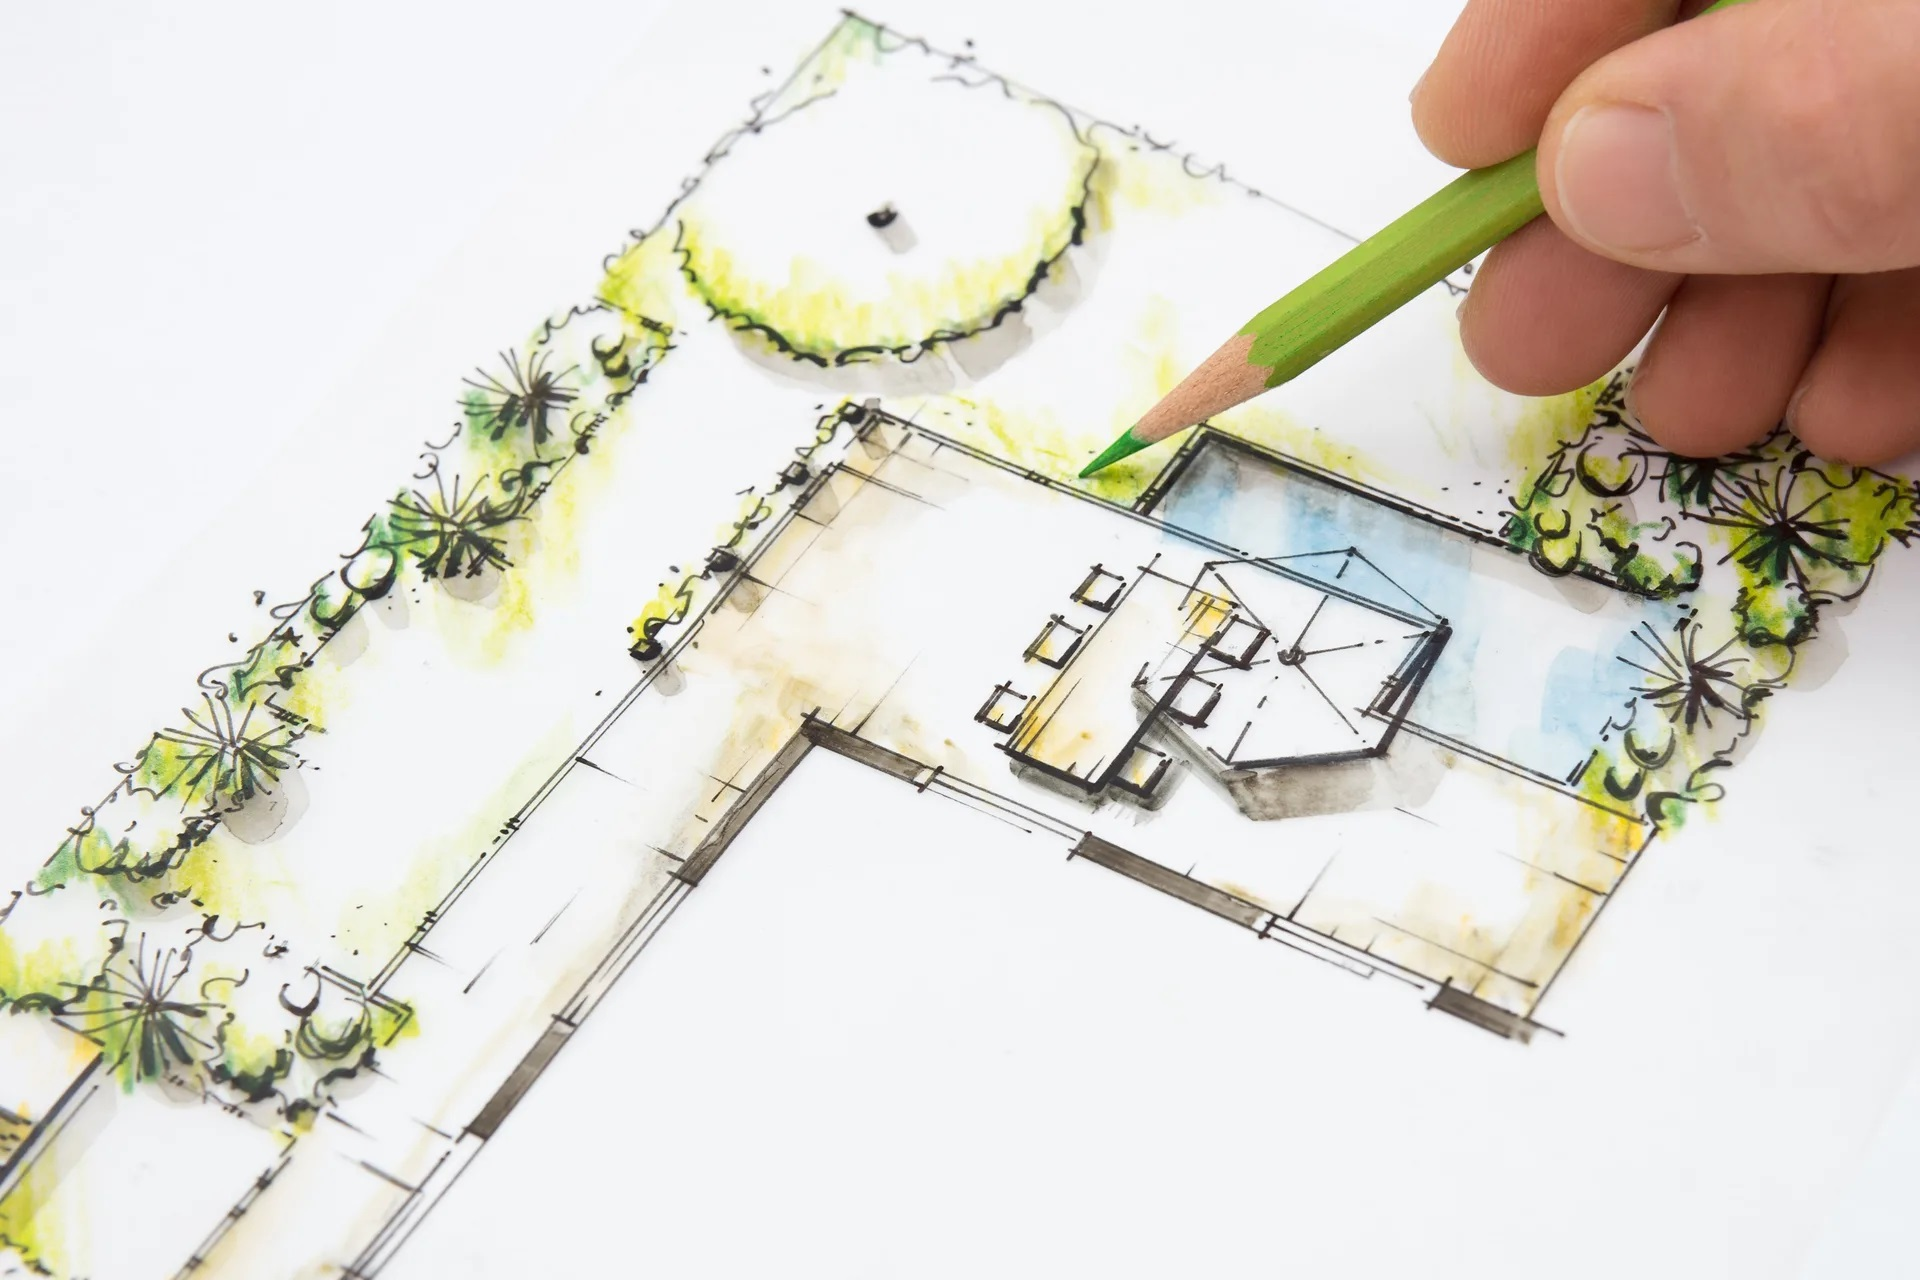 Cara Pelaksanaan Proyek Hasil dari Desain Arsitek